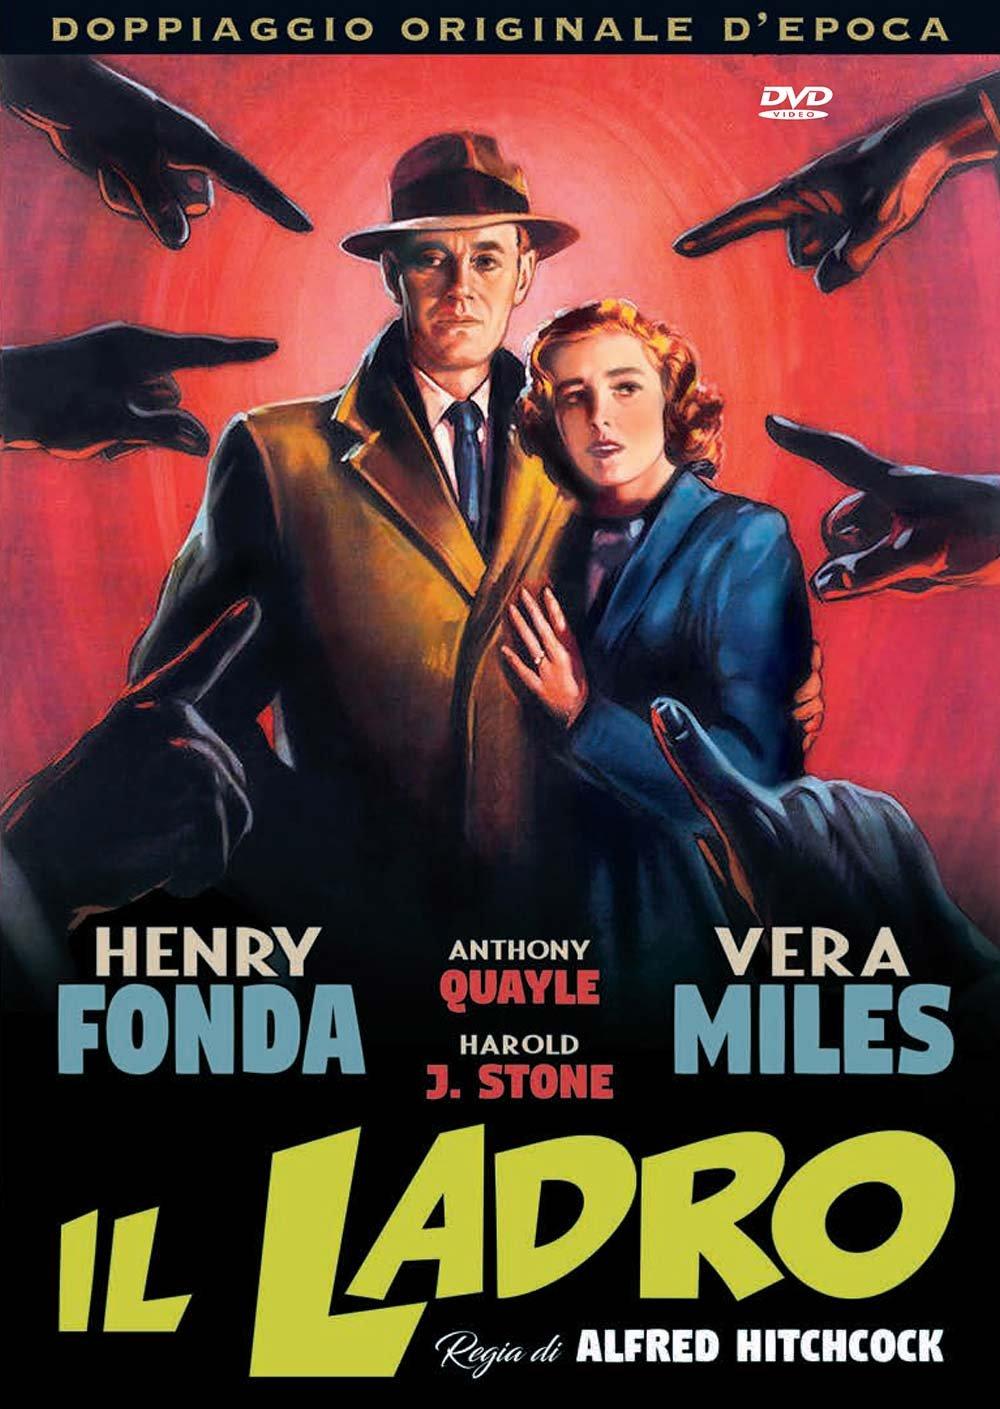 IL LADRO (DVD)